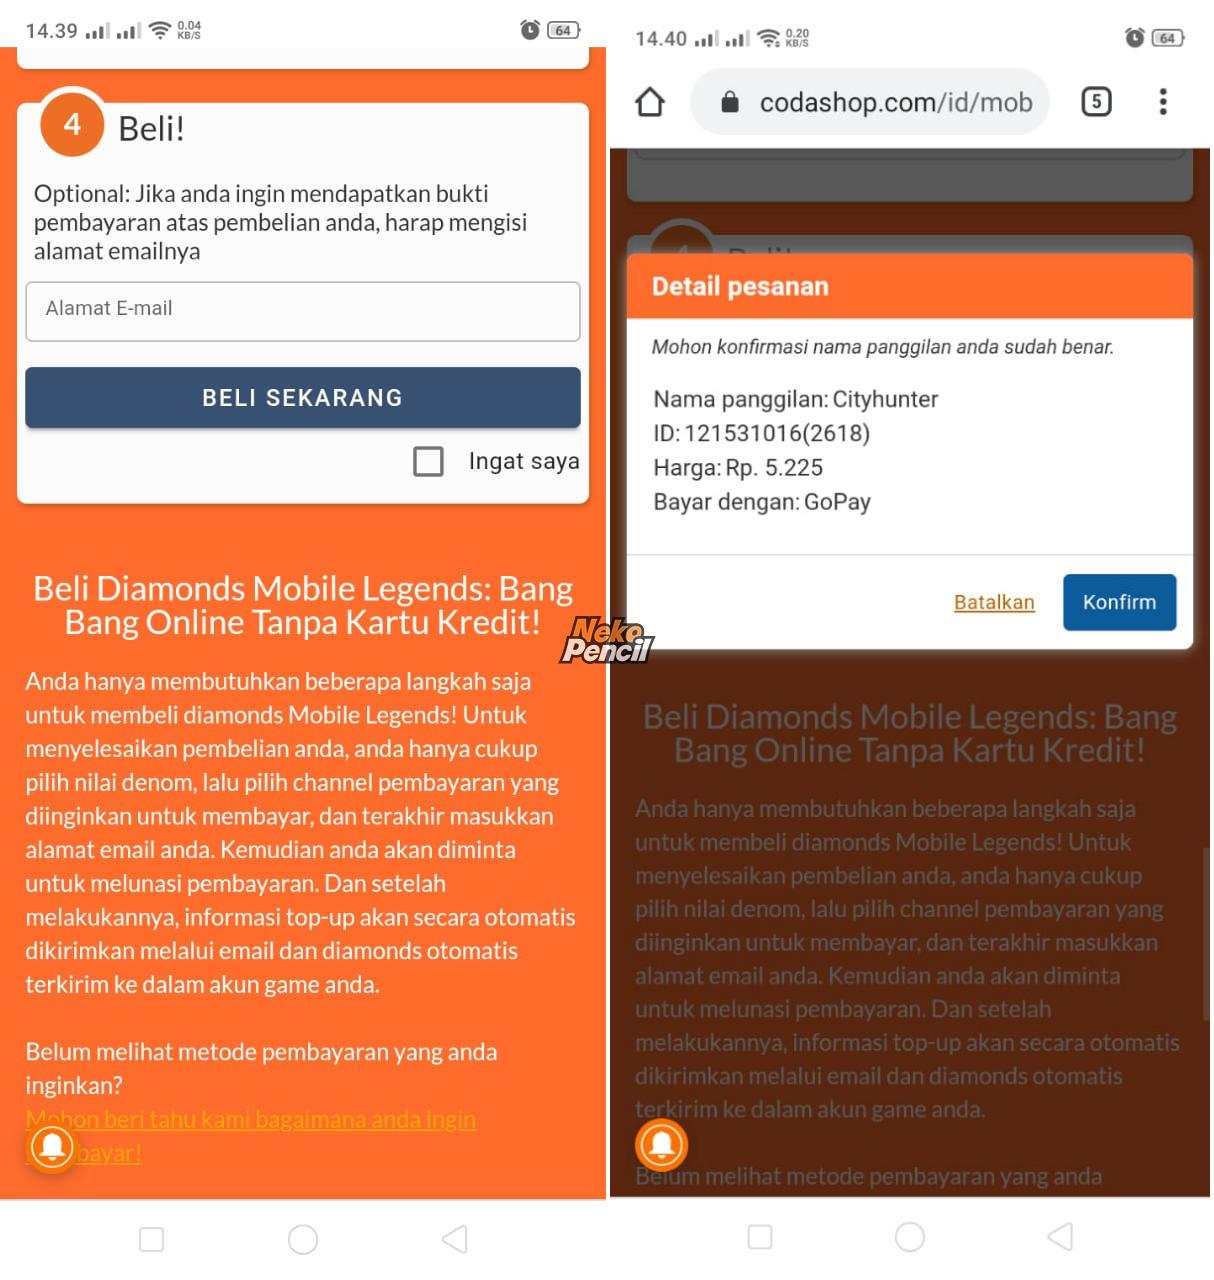 email dan detail pesanan